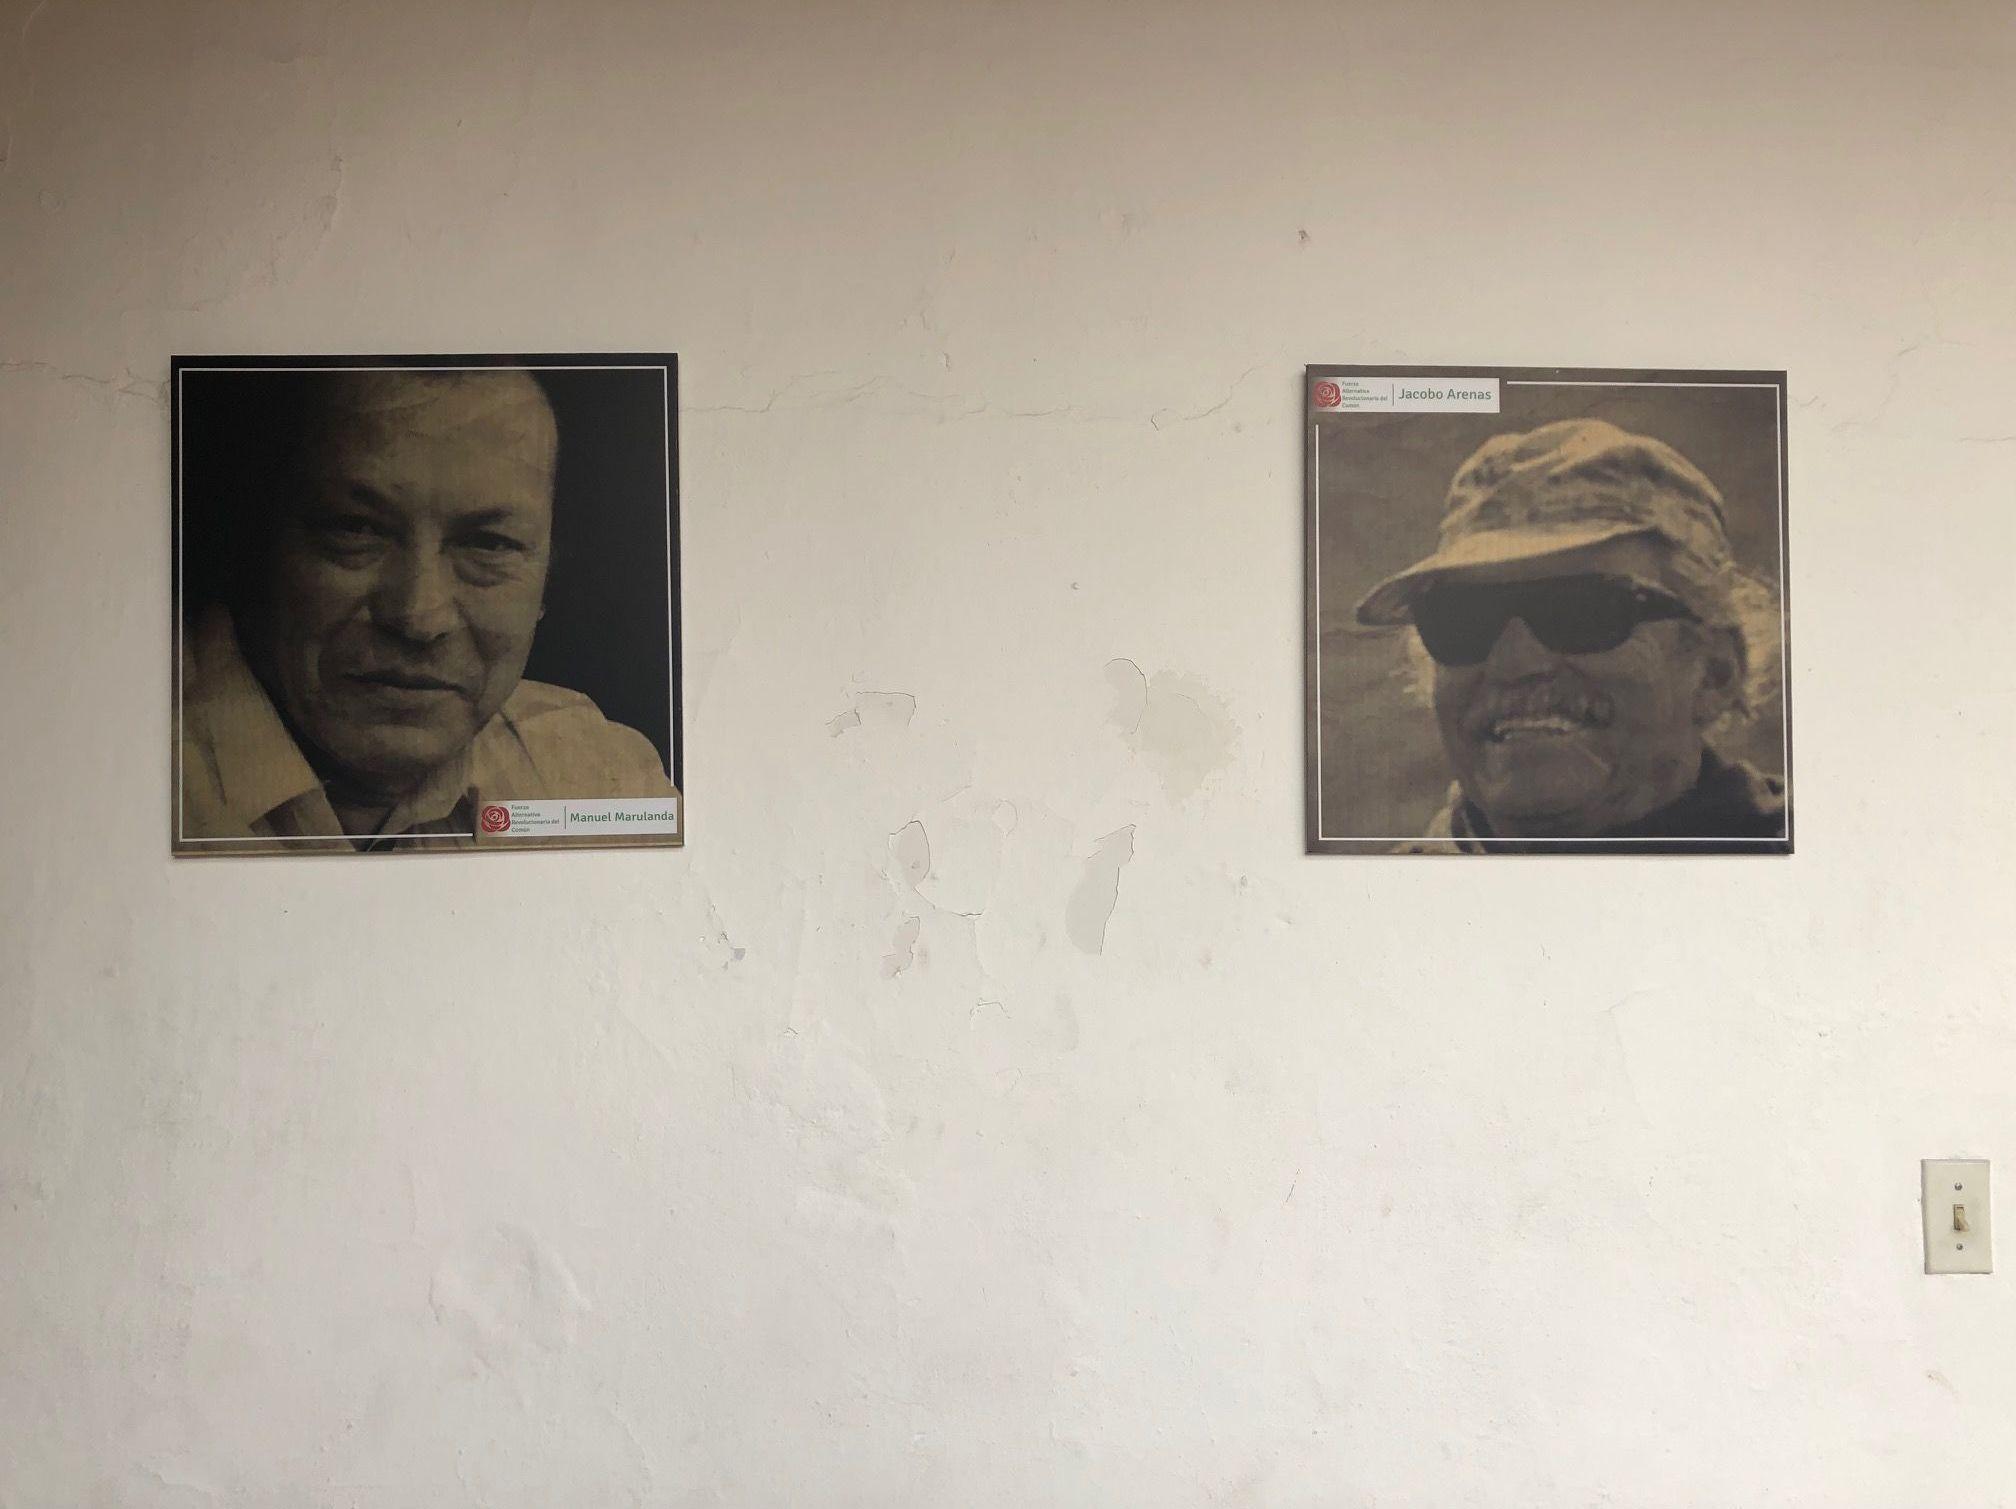 Retratos de Manuel Marulanda (izquierda) y Jacobo Arenas, los líderes destacados de las FARC